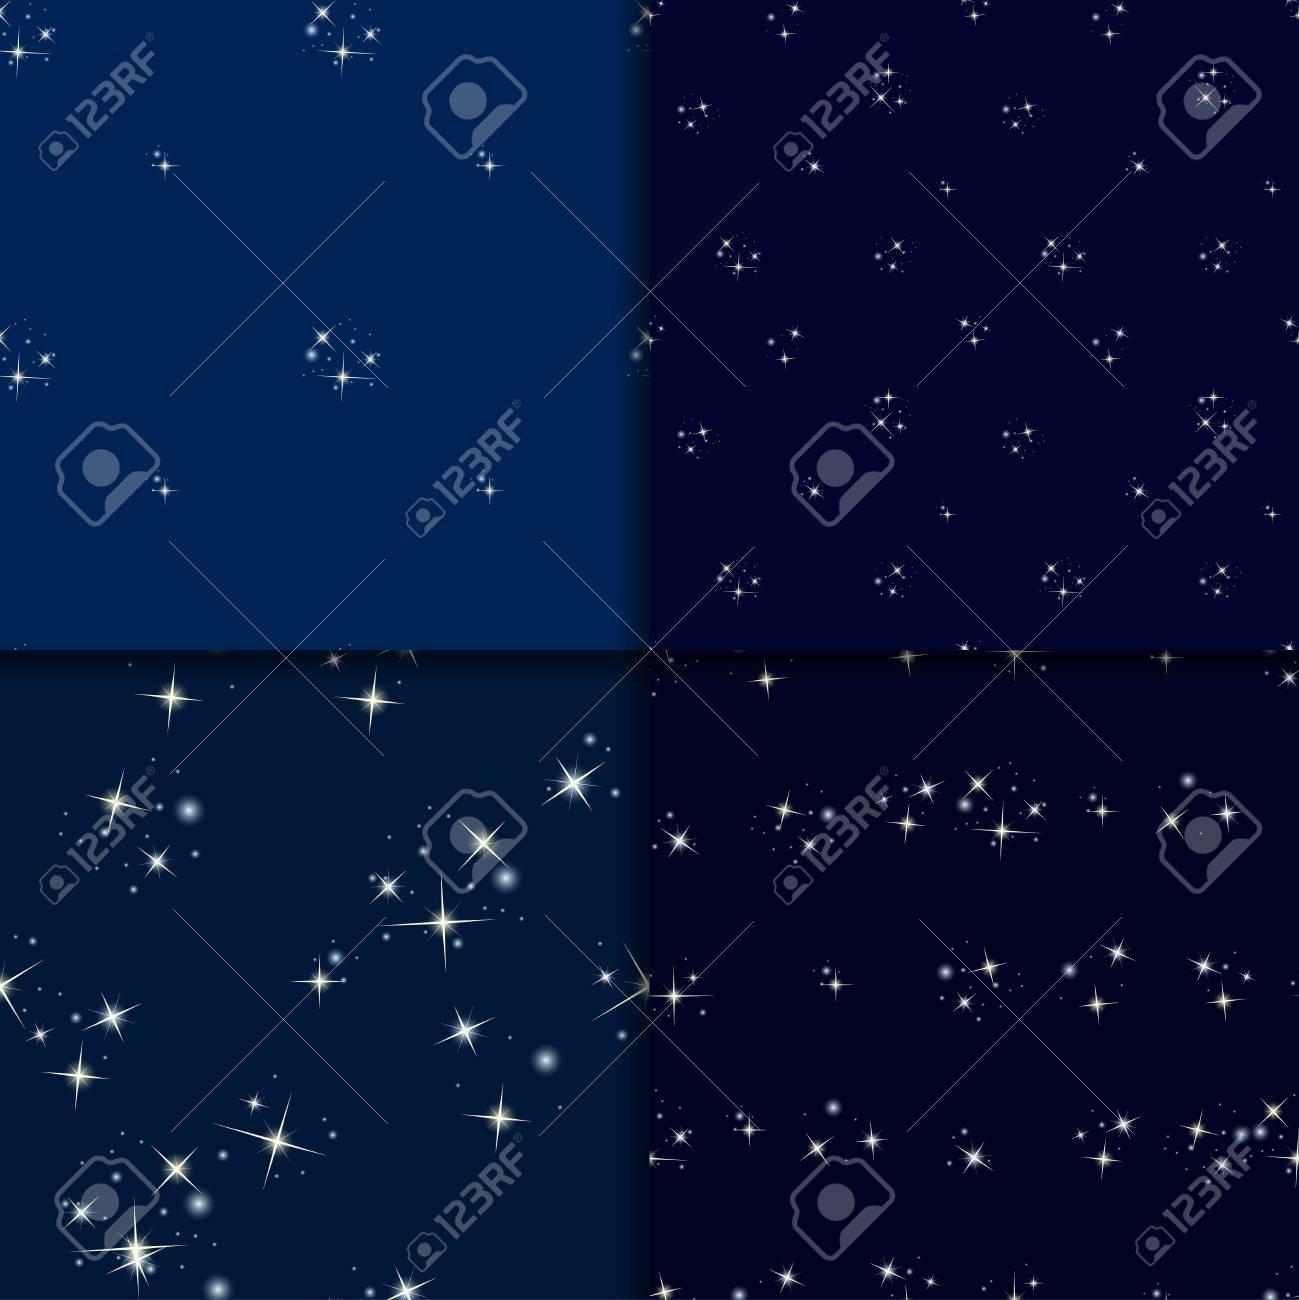 Vettoriale Set Cielo Stellato Modelli Senza Soluzione Di